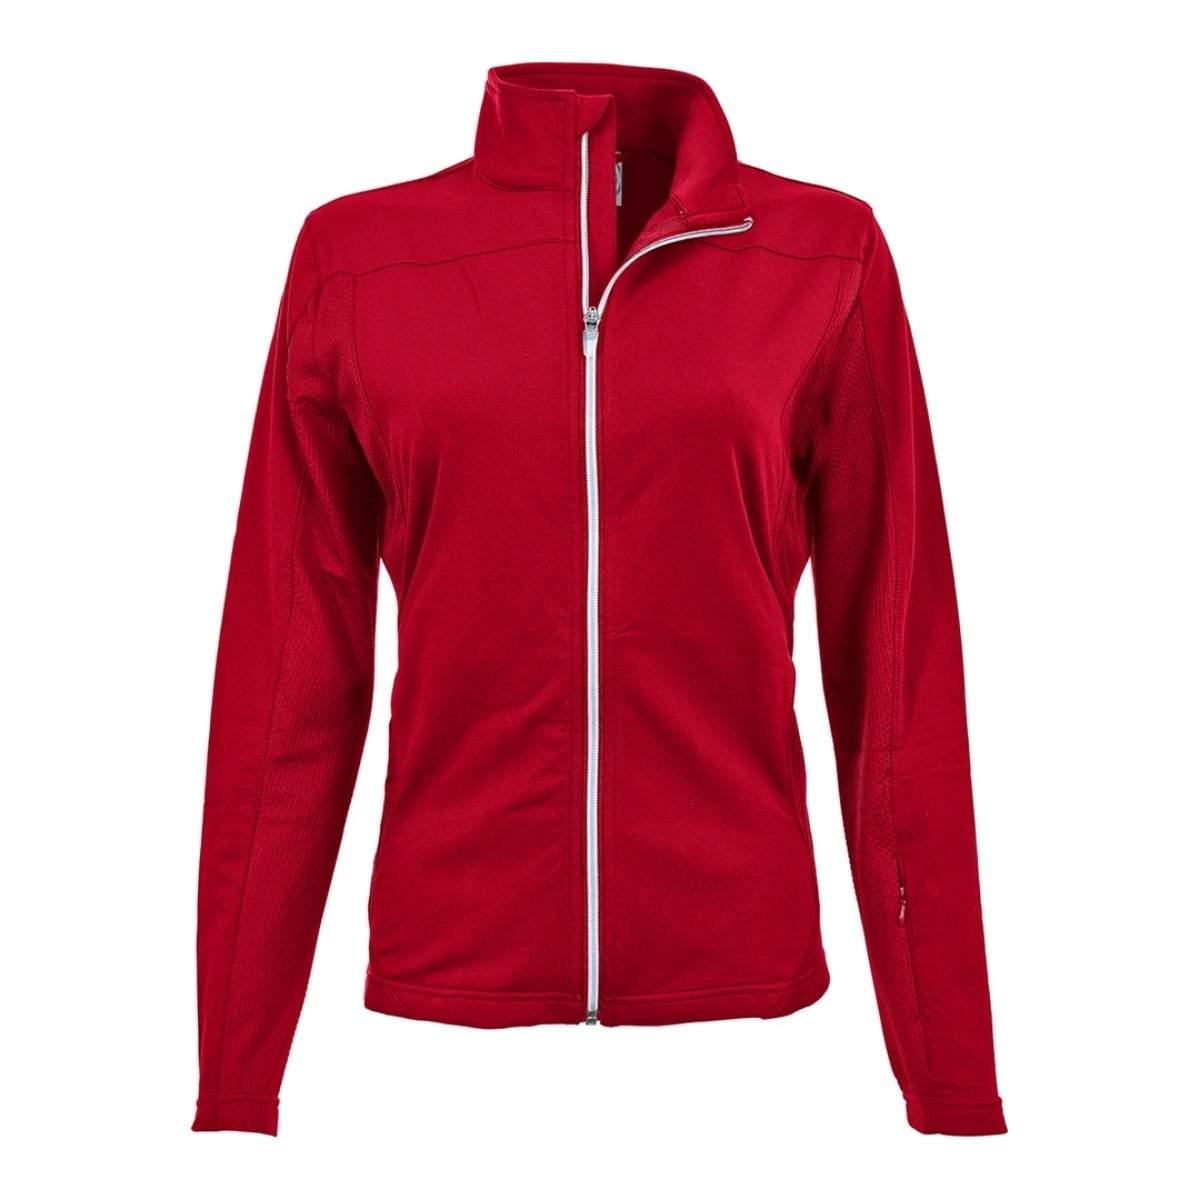 Levelwear Women's Aurora Jacket